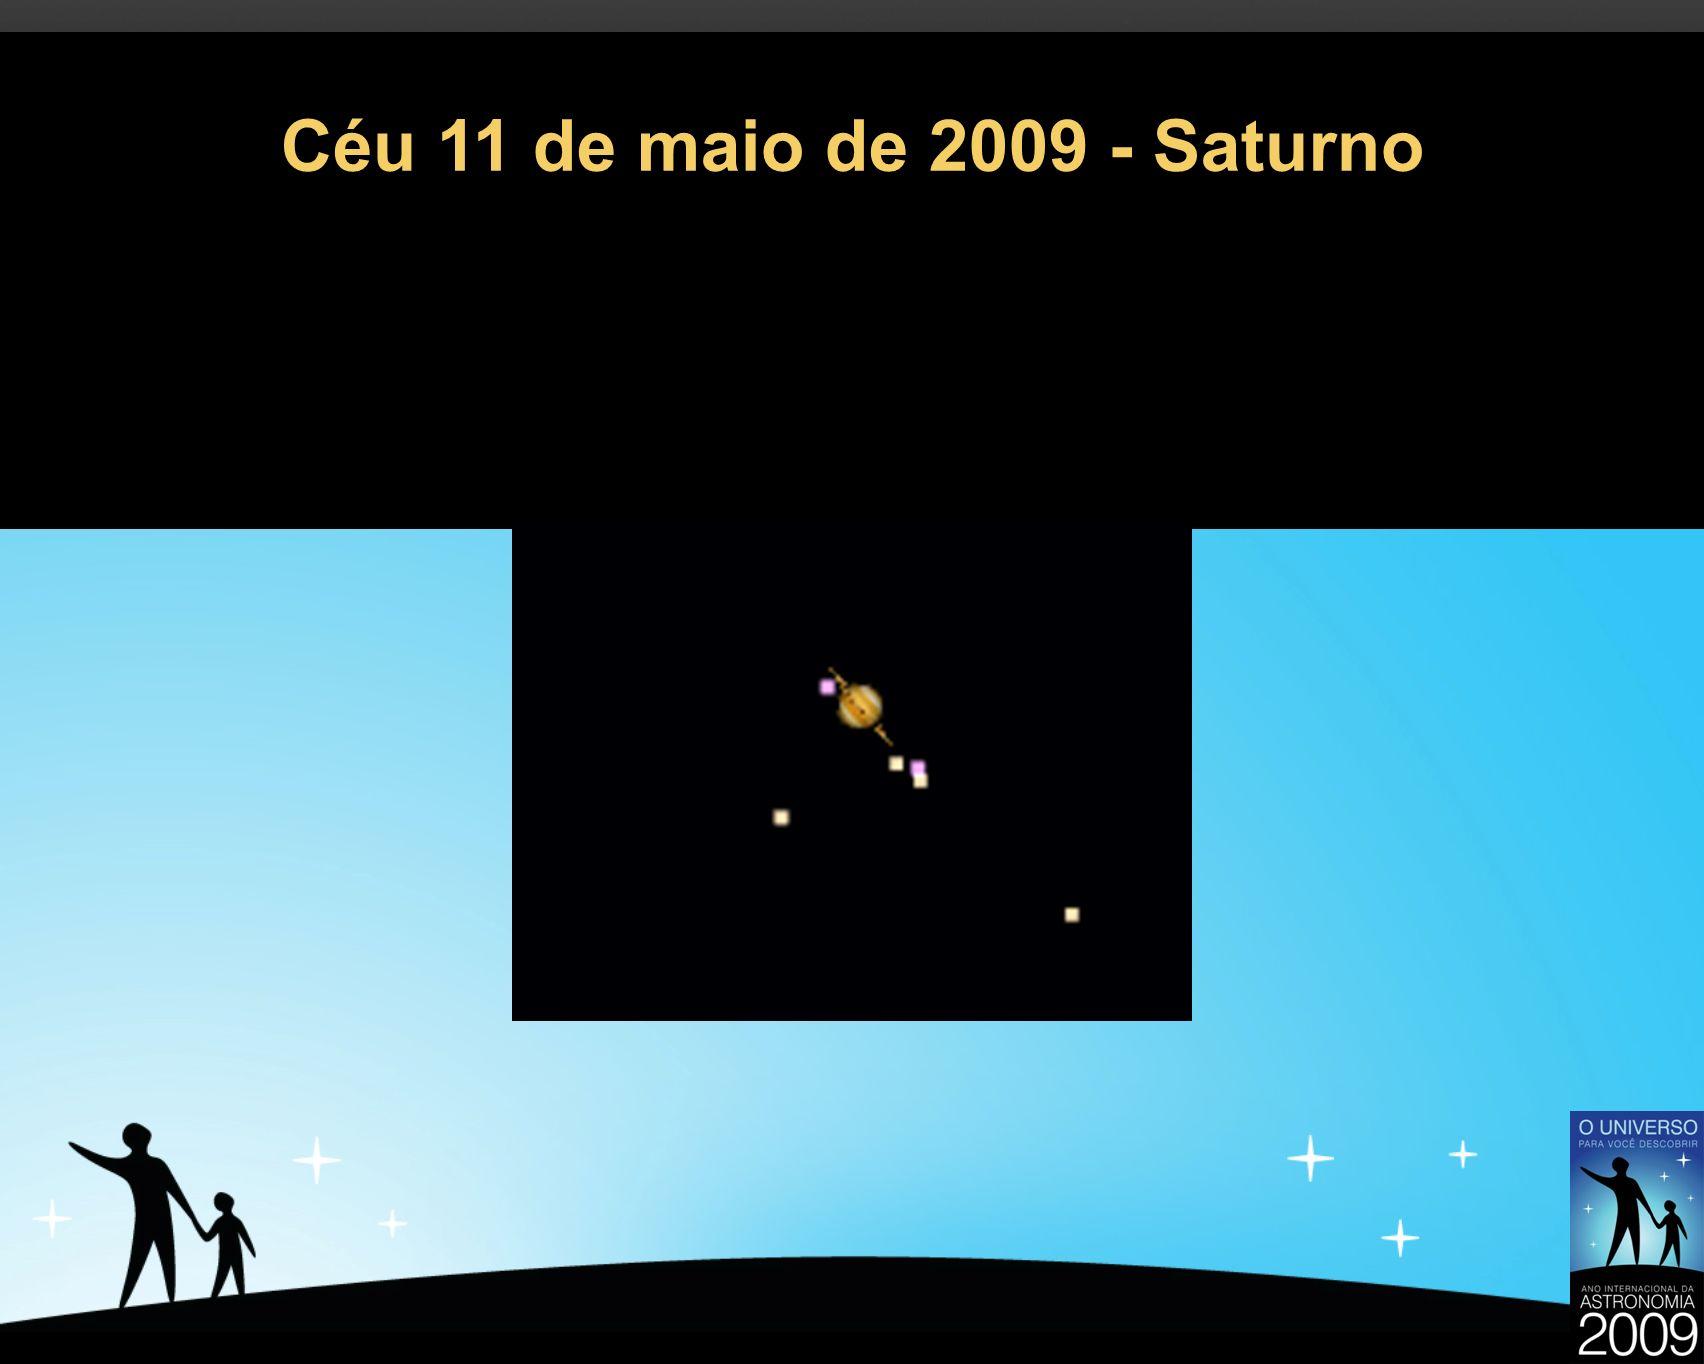 Céu 11 de maio de 2009 - Saturno